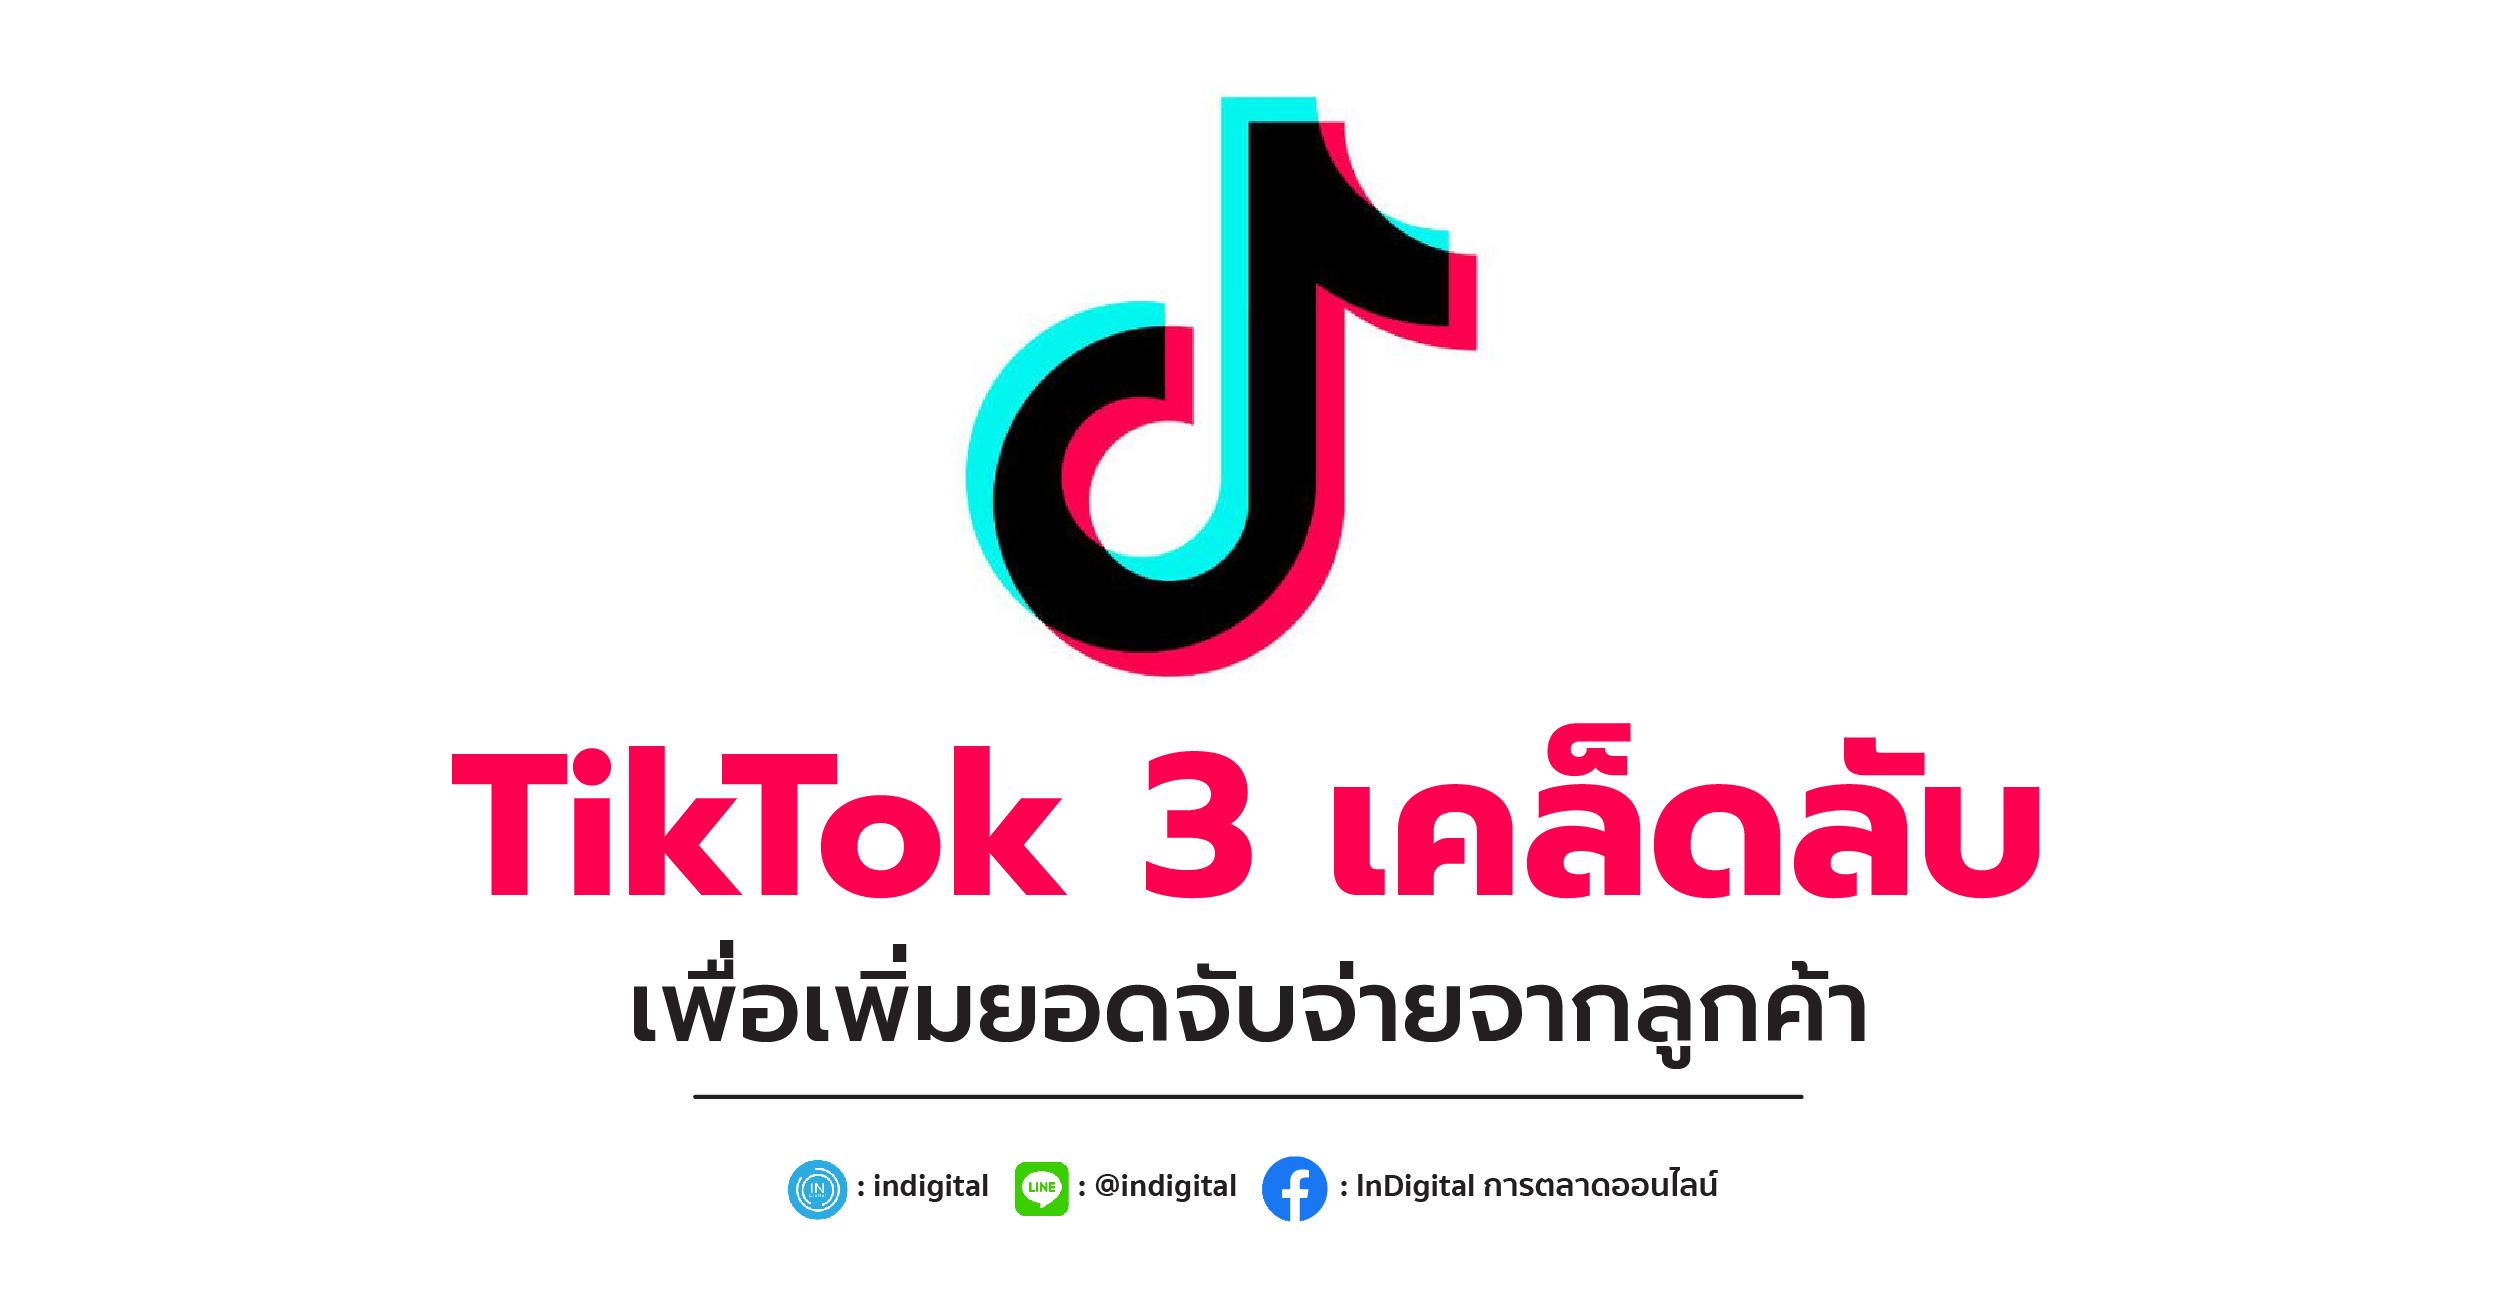 TikTok 3 เคล็ดลับเพื่อเพิ่มยอดจับจ่ายจากลูกค้า